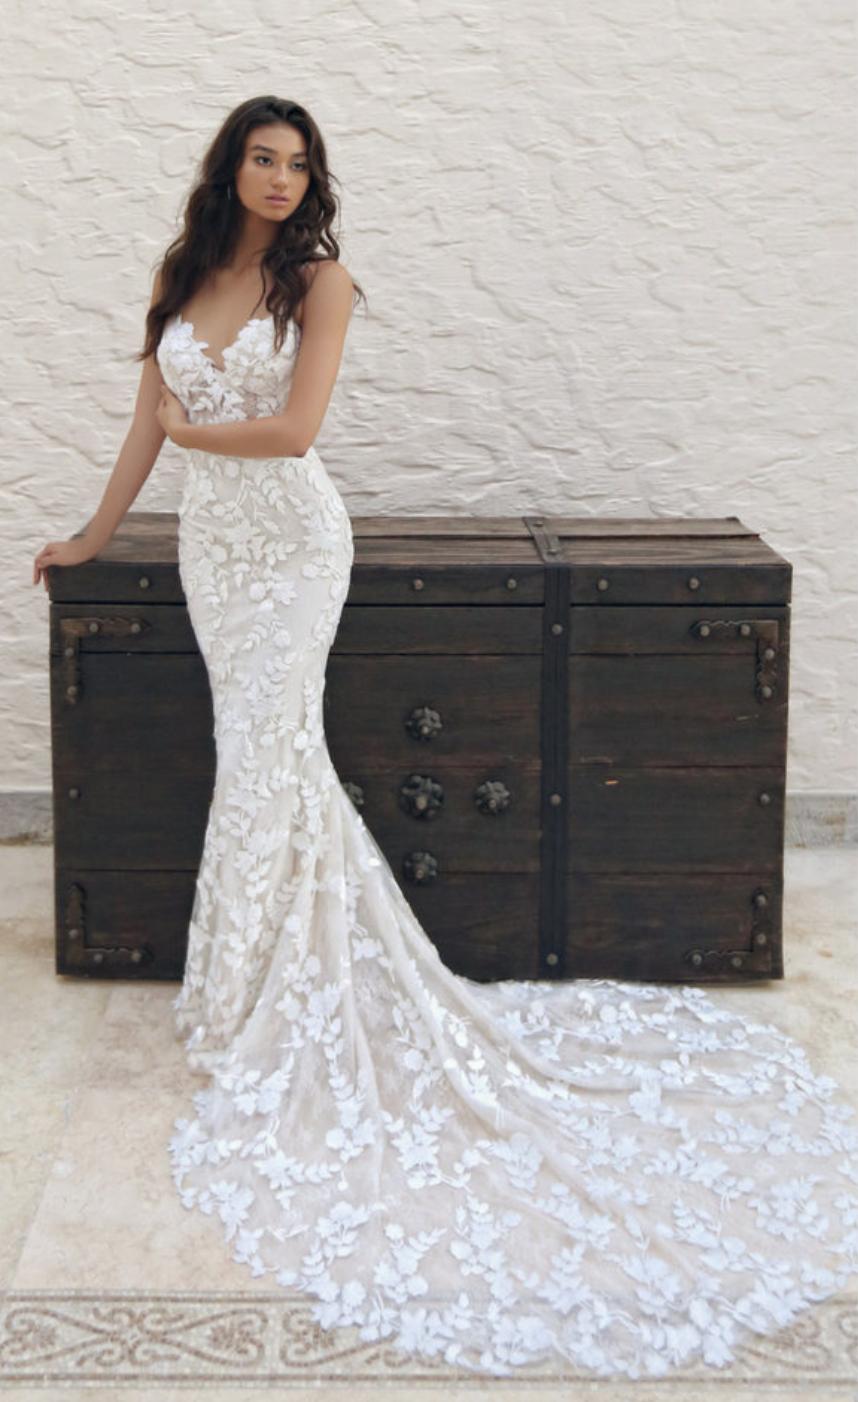 af02618d58ad Floral Wedding Dresses 2018 - raveitsafe